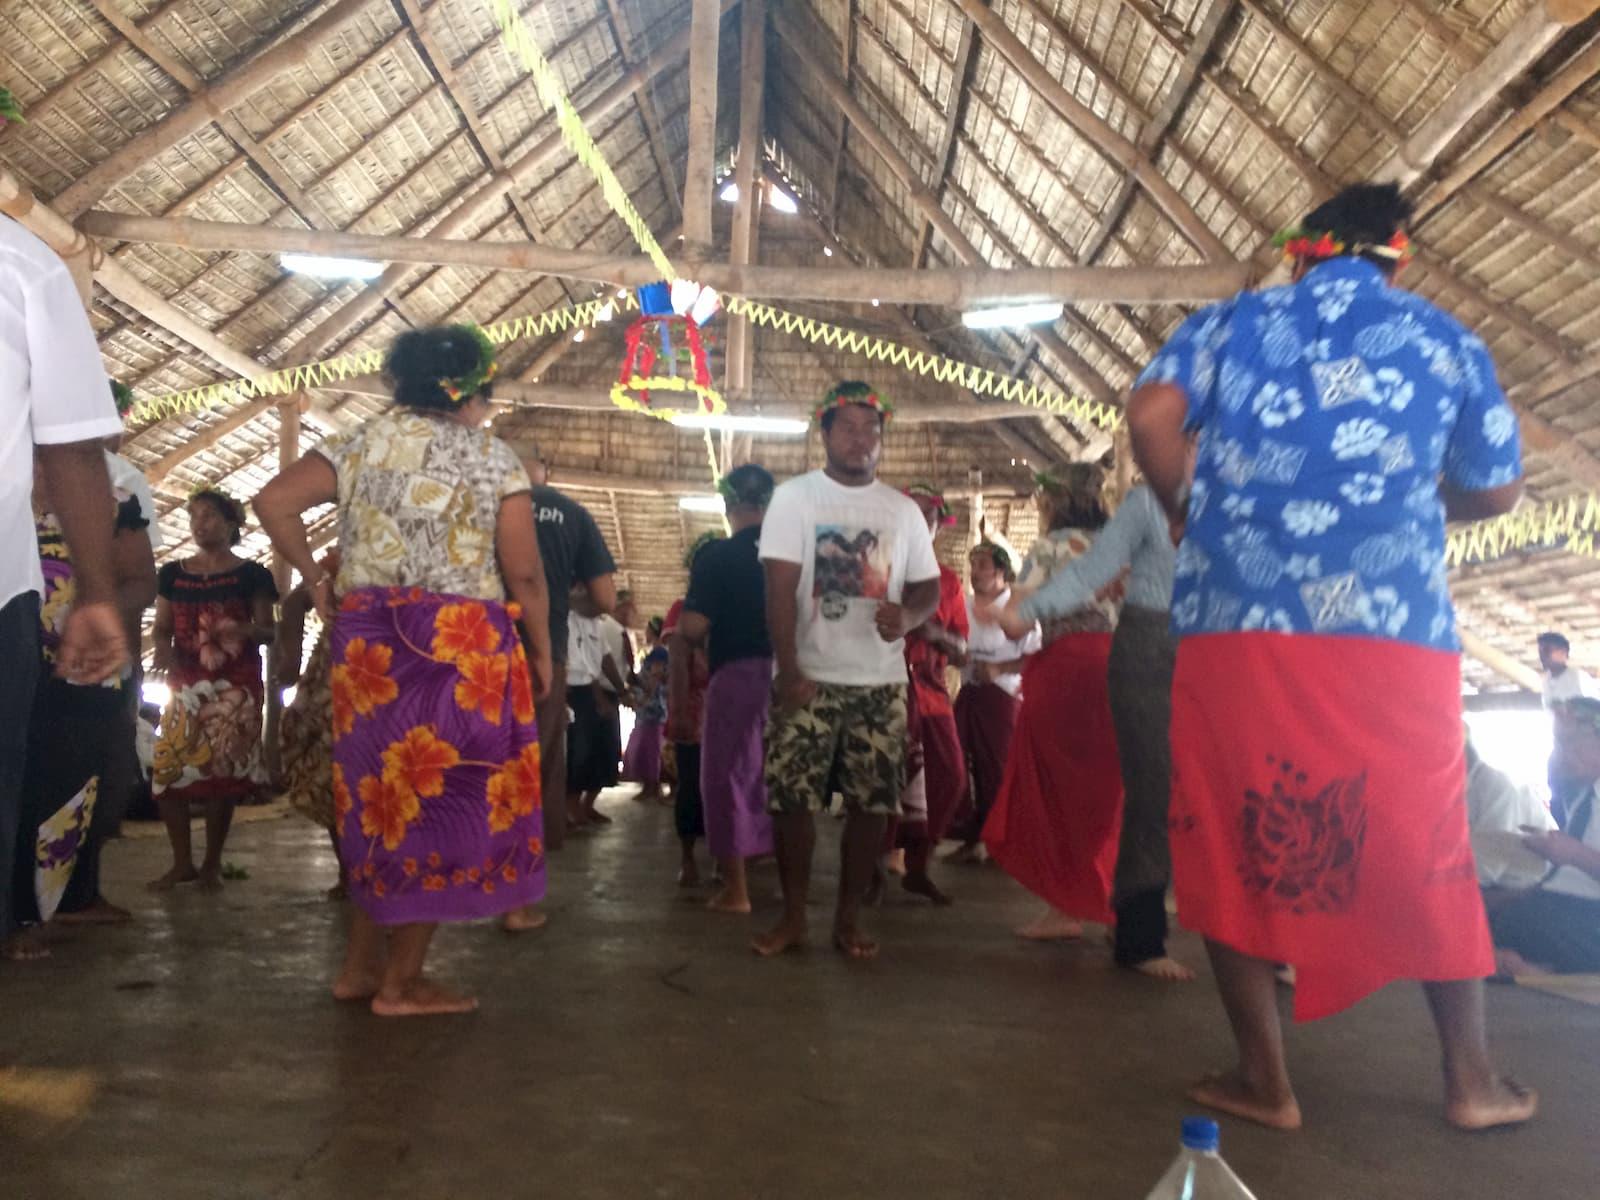 Celebrating dance